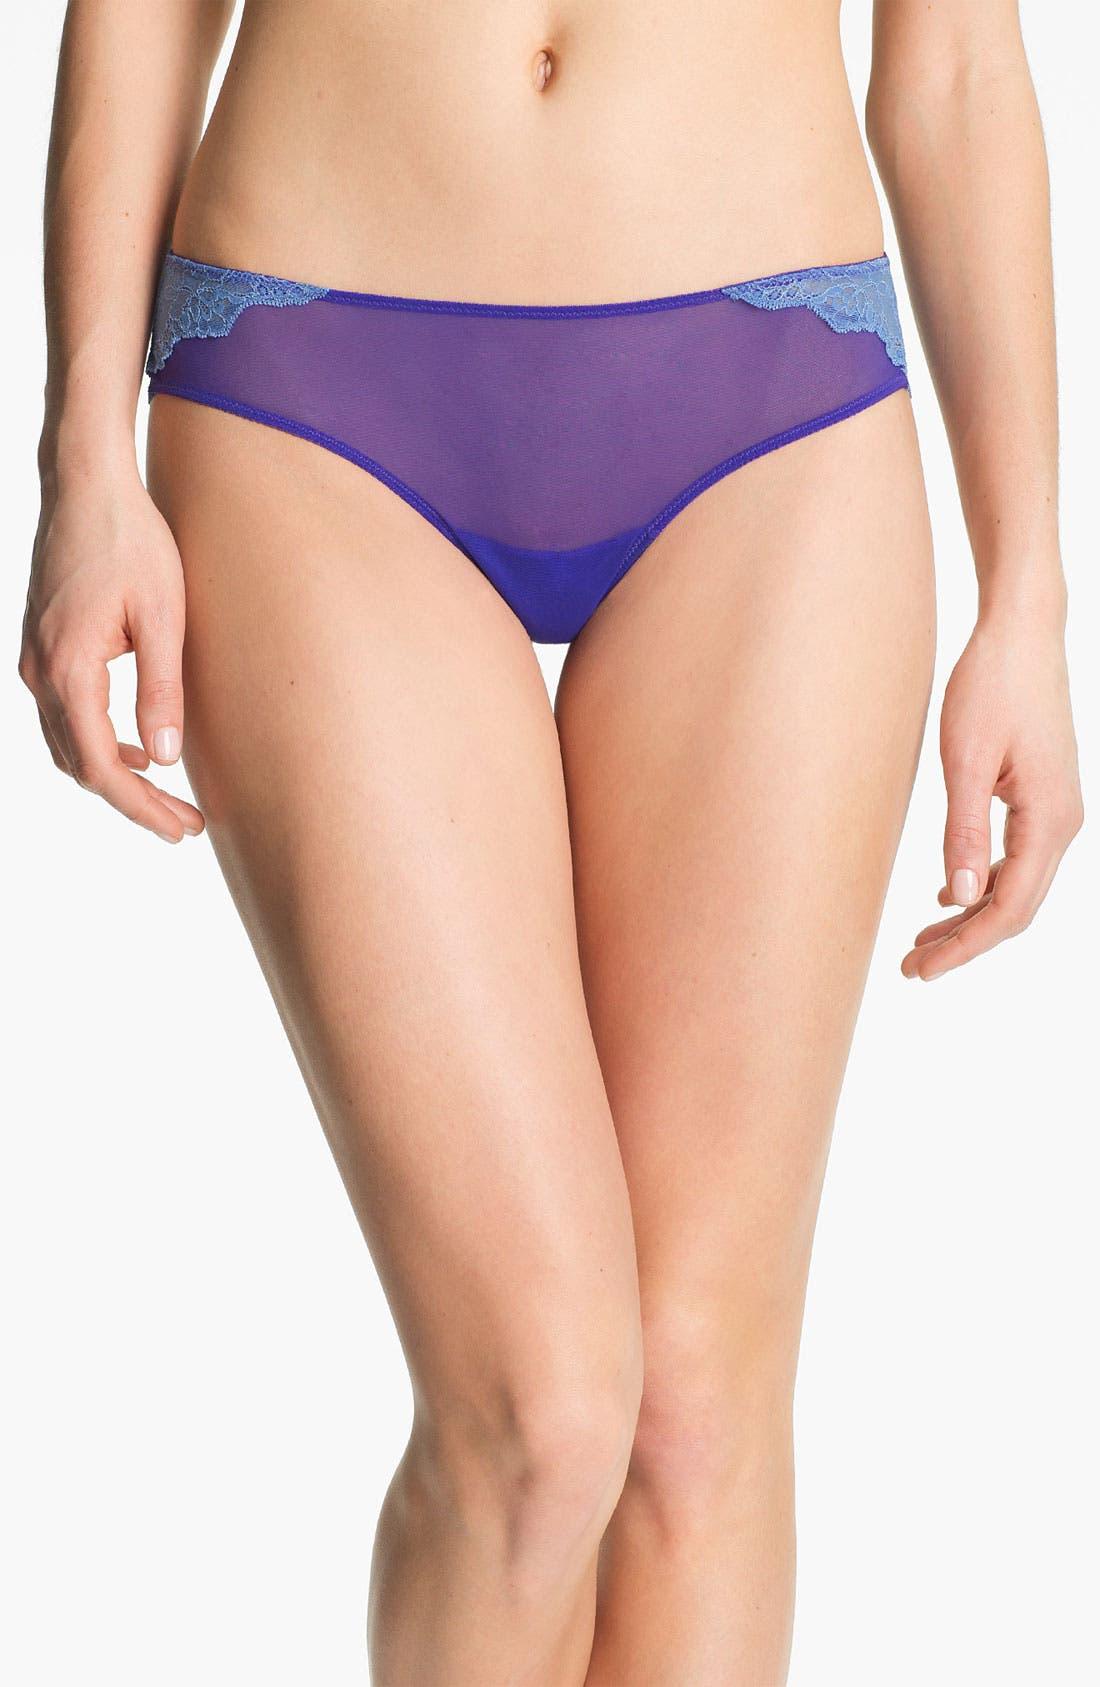 Main Image - On Gossamer 'Veiled Lace' Thong